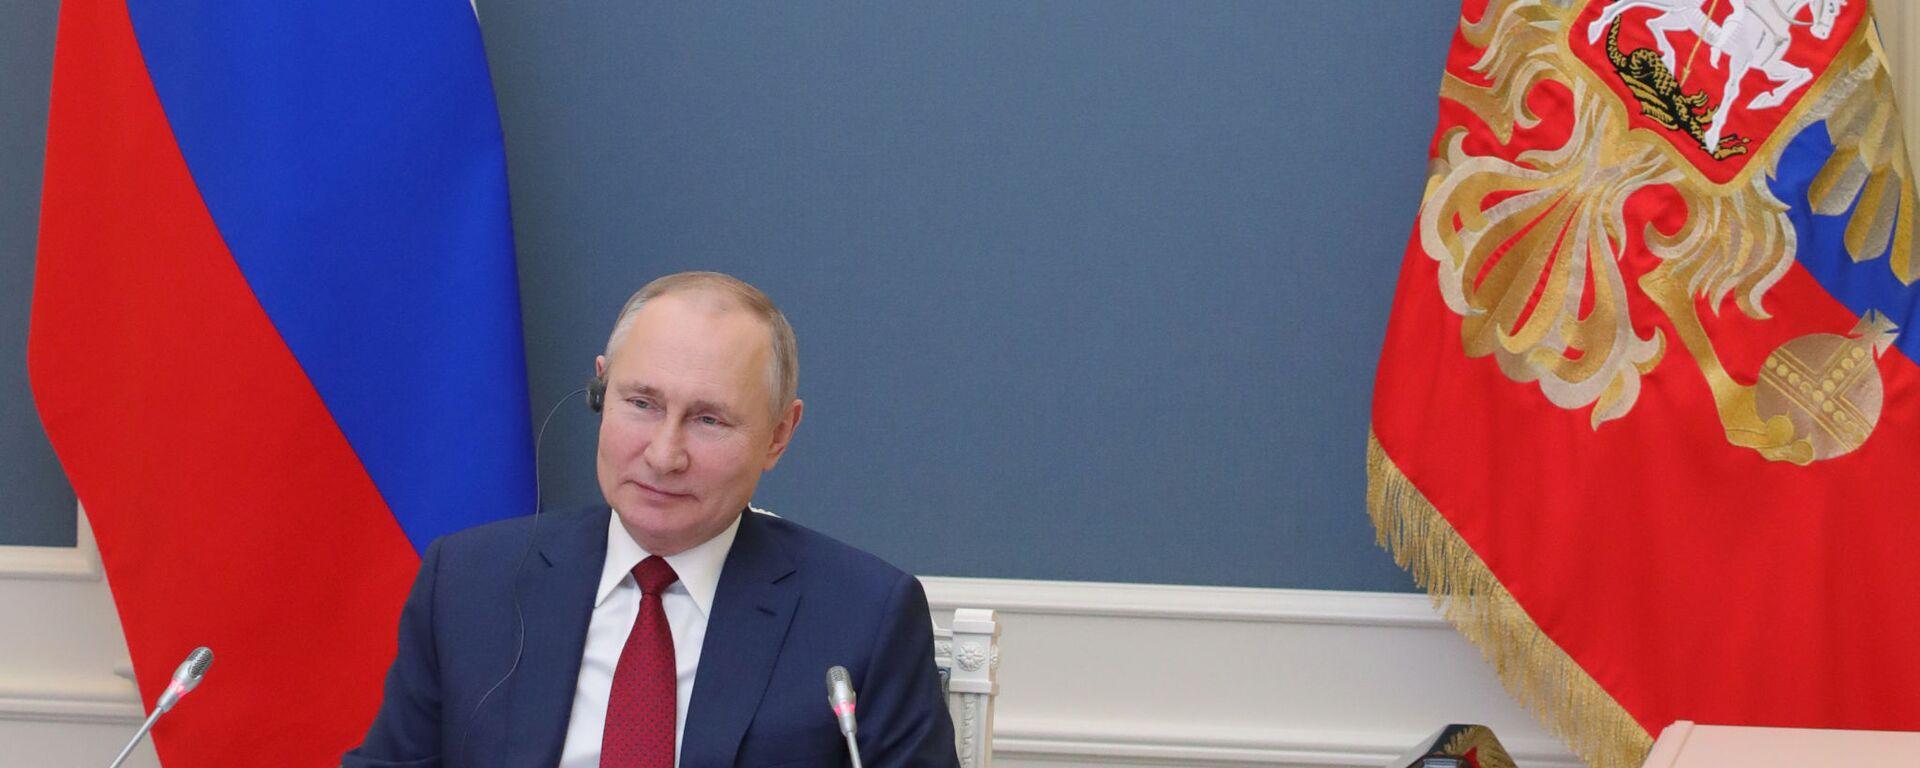 L'intervento di Putin al World Economic Forum di Davos - Sputnik Italia, 1920, 13.06.2021